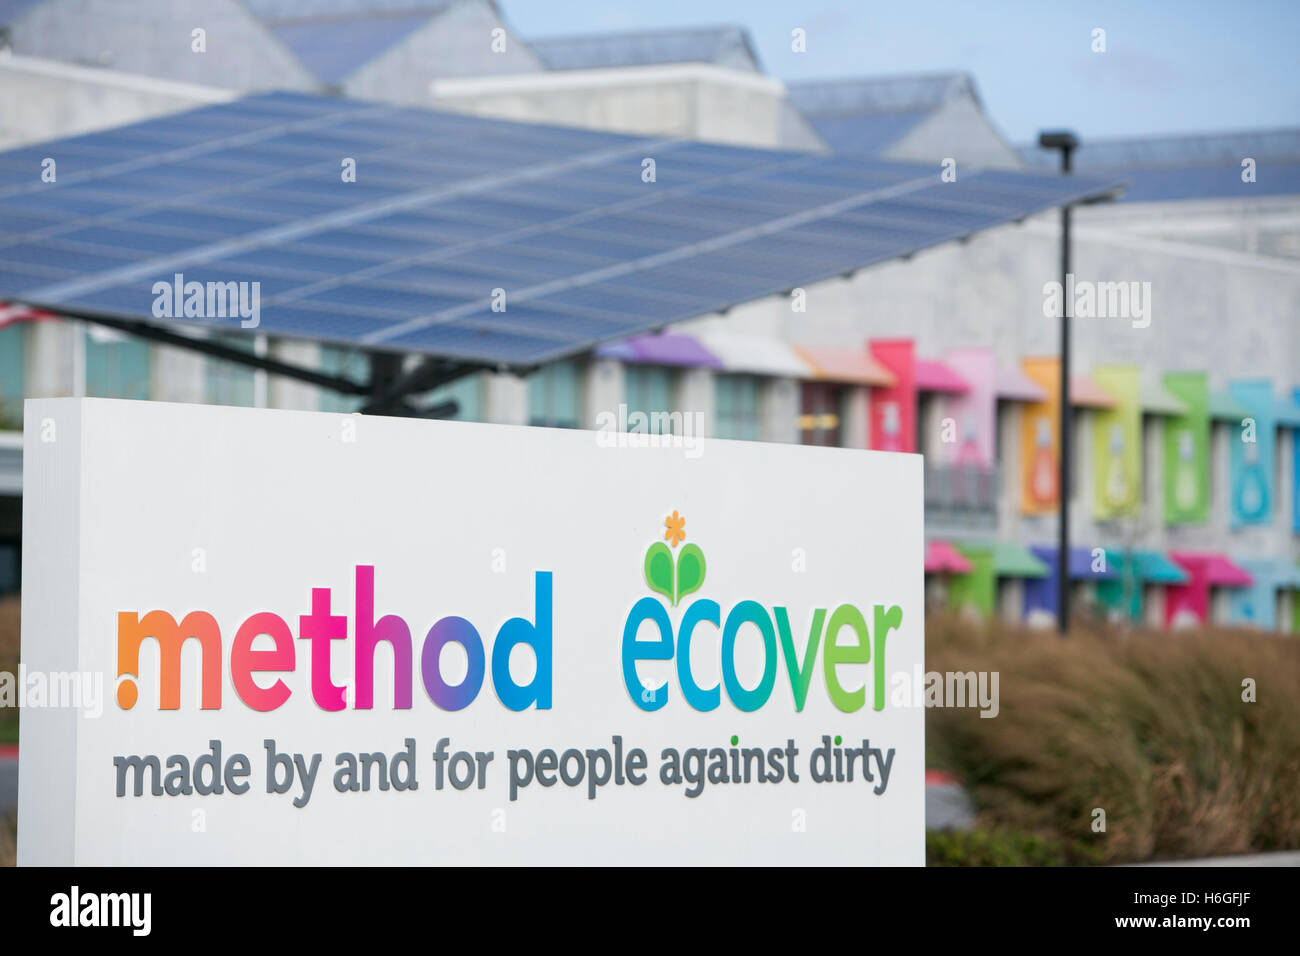 Un logo affiche à l'extérieur de la méthode et de l'usine Ecover dans le Pullman près Photo Stock